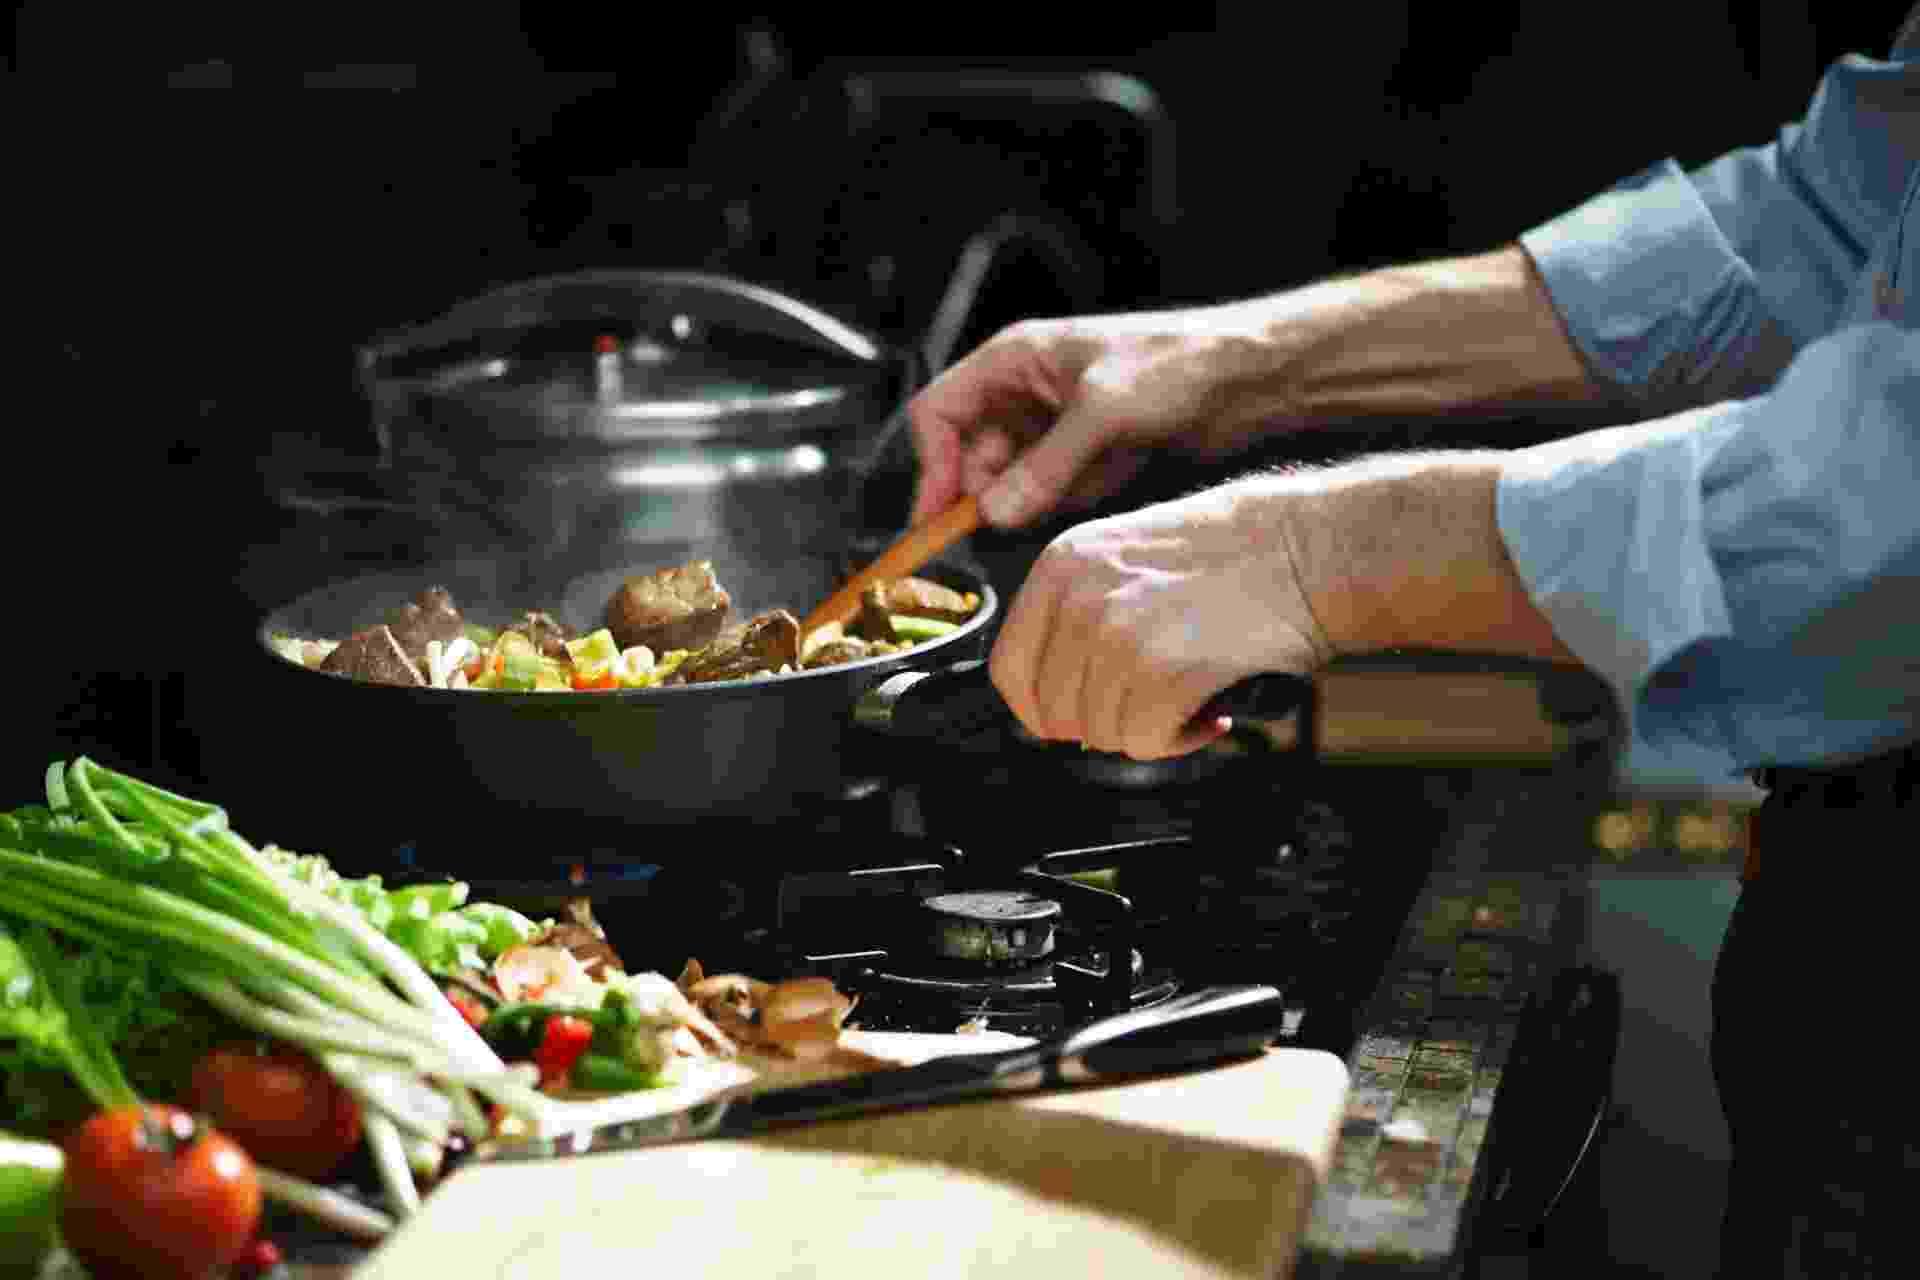 cozinha, cozinhando, chef, comida, refeição, almoço, jantar - undefined